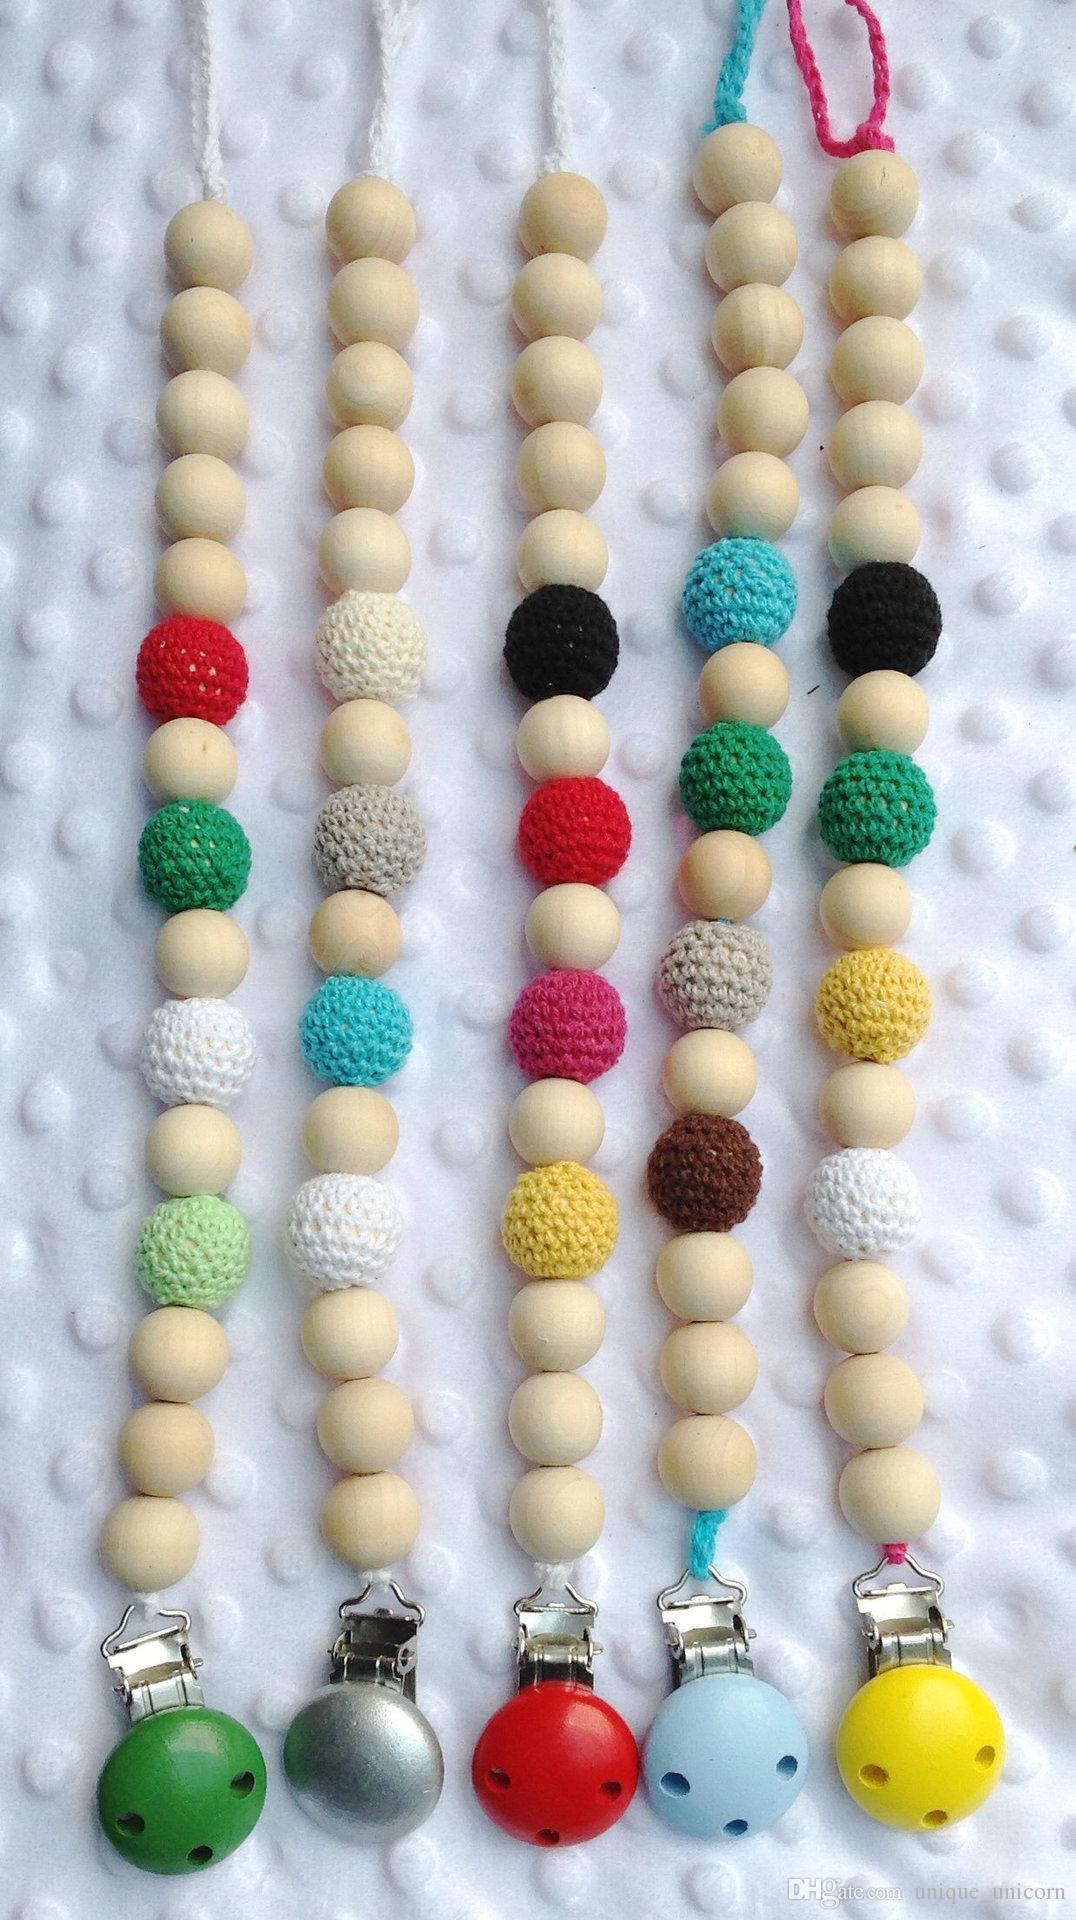 Por Lote Venda Vermelho Verde Azul Amarelo Cor Crochet Beads New Born Bebê Chupeta Clipe Manequim Titular Natural